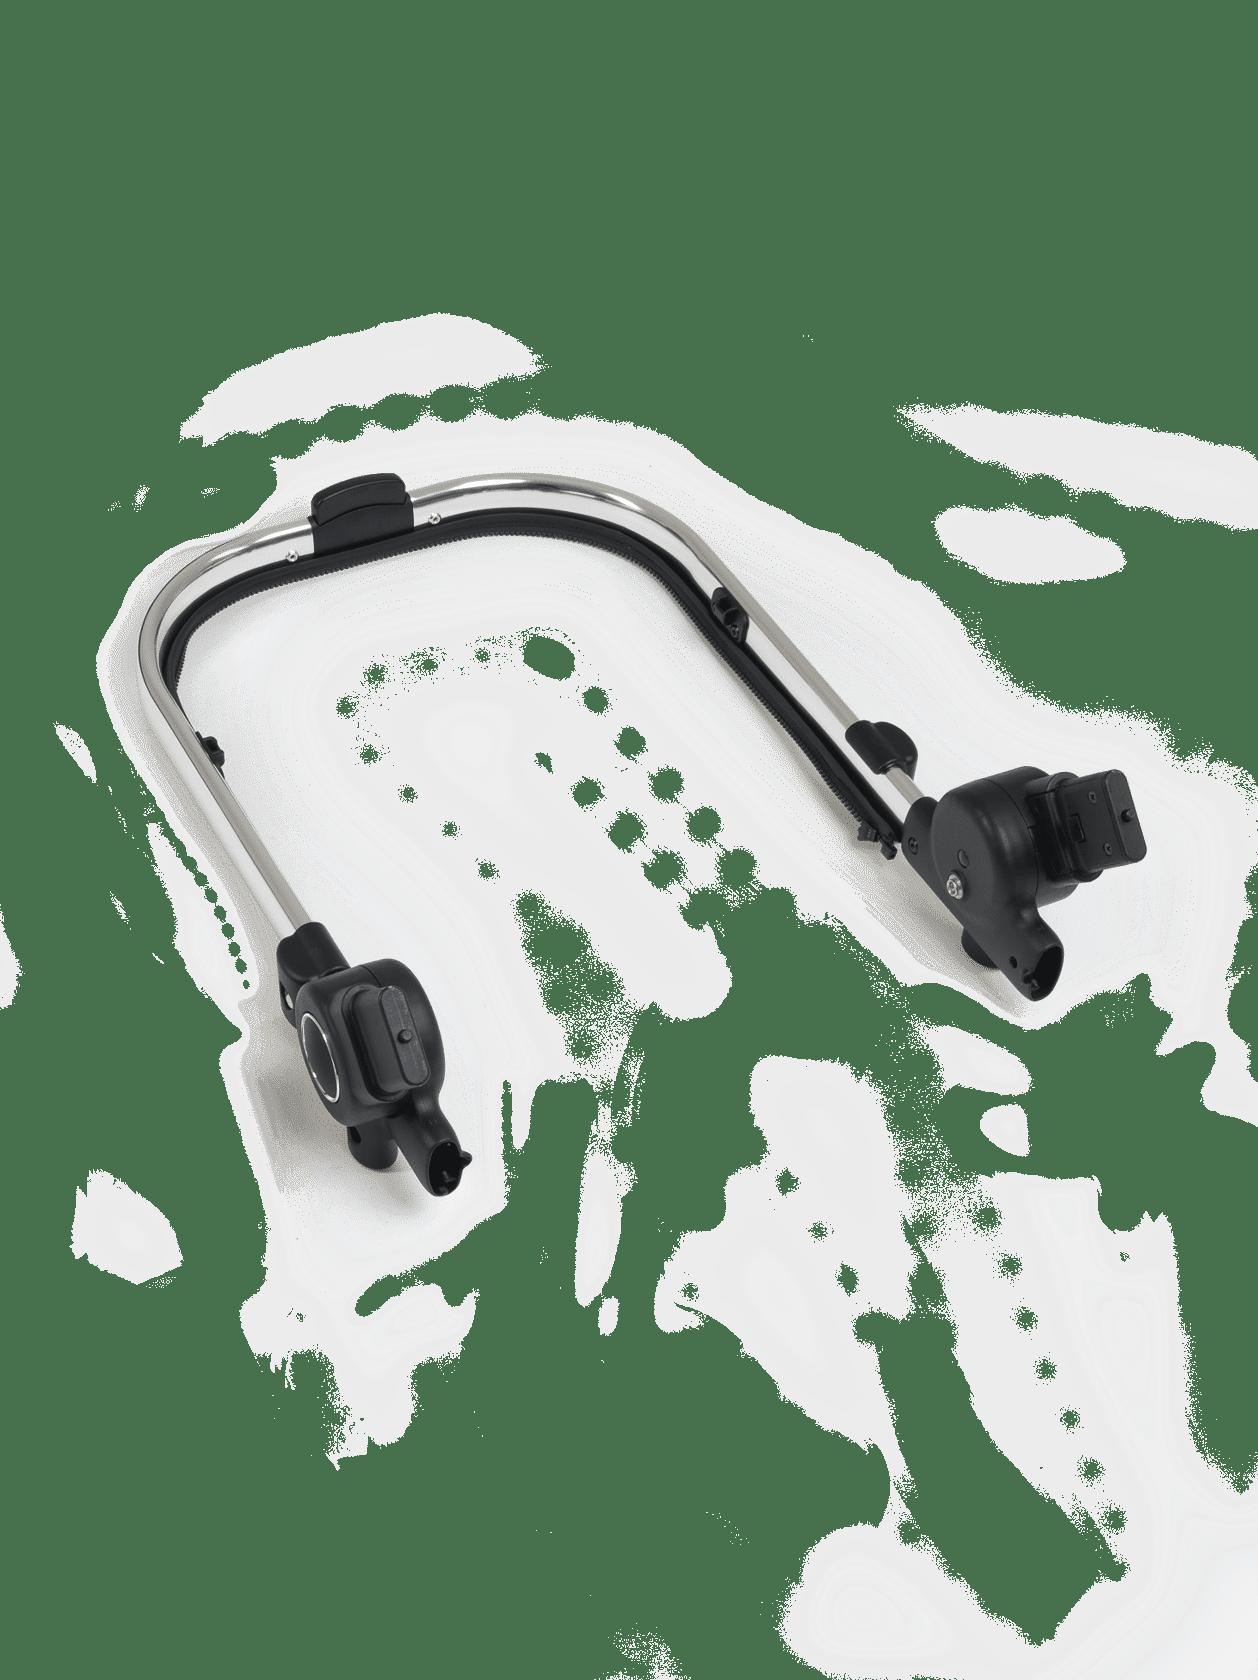 Peach 2020 Seat/Ccot Frame (Head End) - Chrome